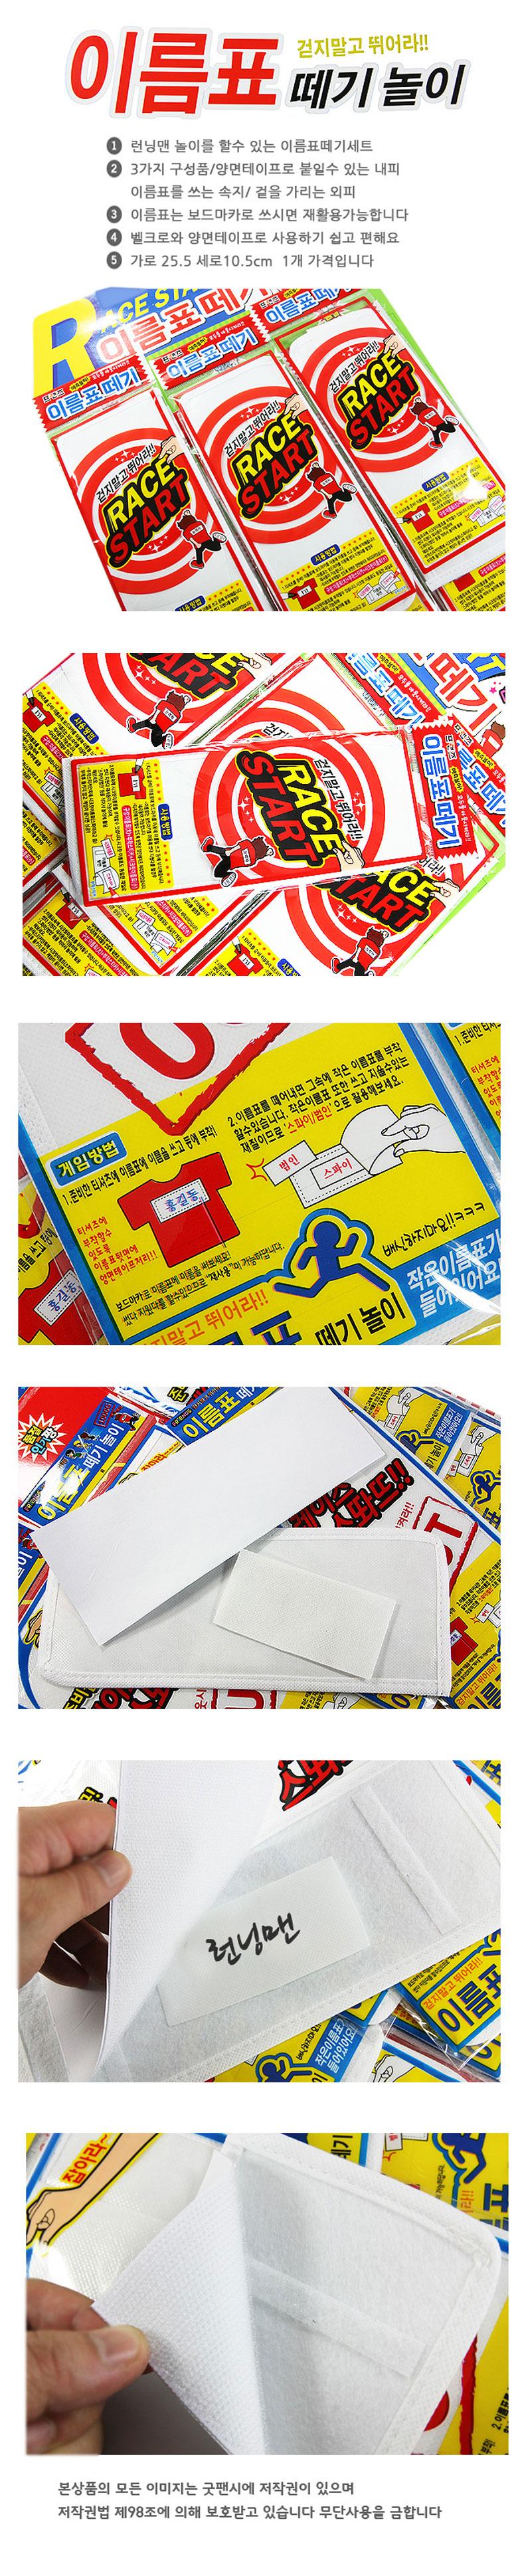 런닝맨 이름표떼기 - 굿팬시, 1,000원, 아이디어 상품, 아이디어 상품